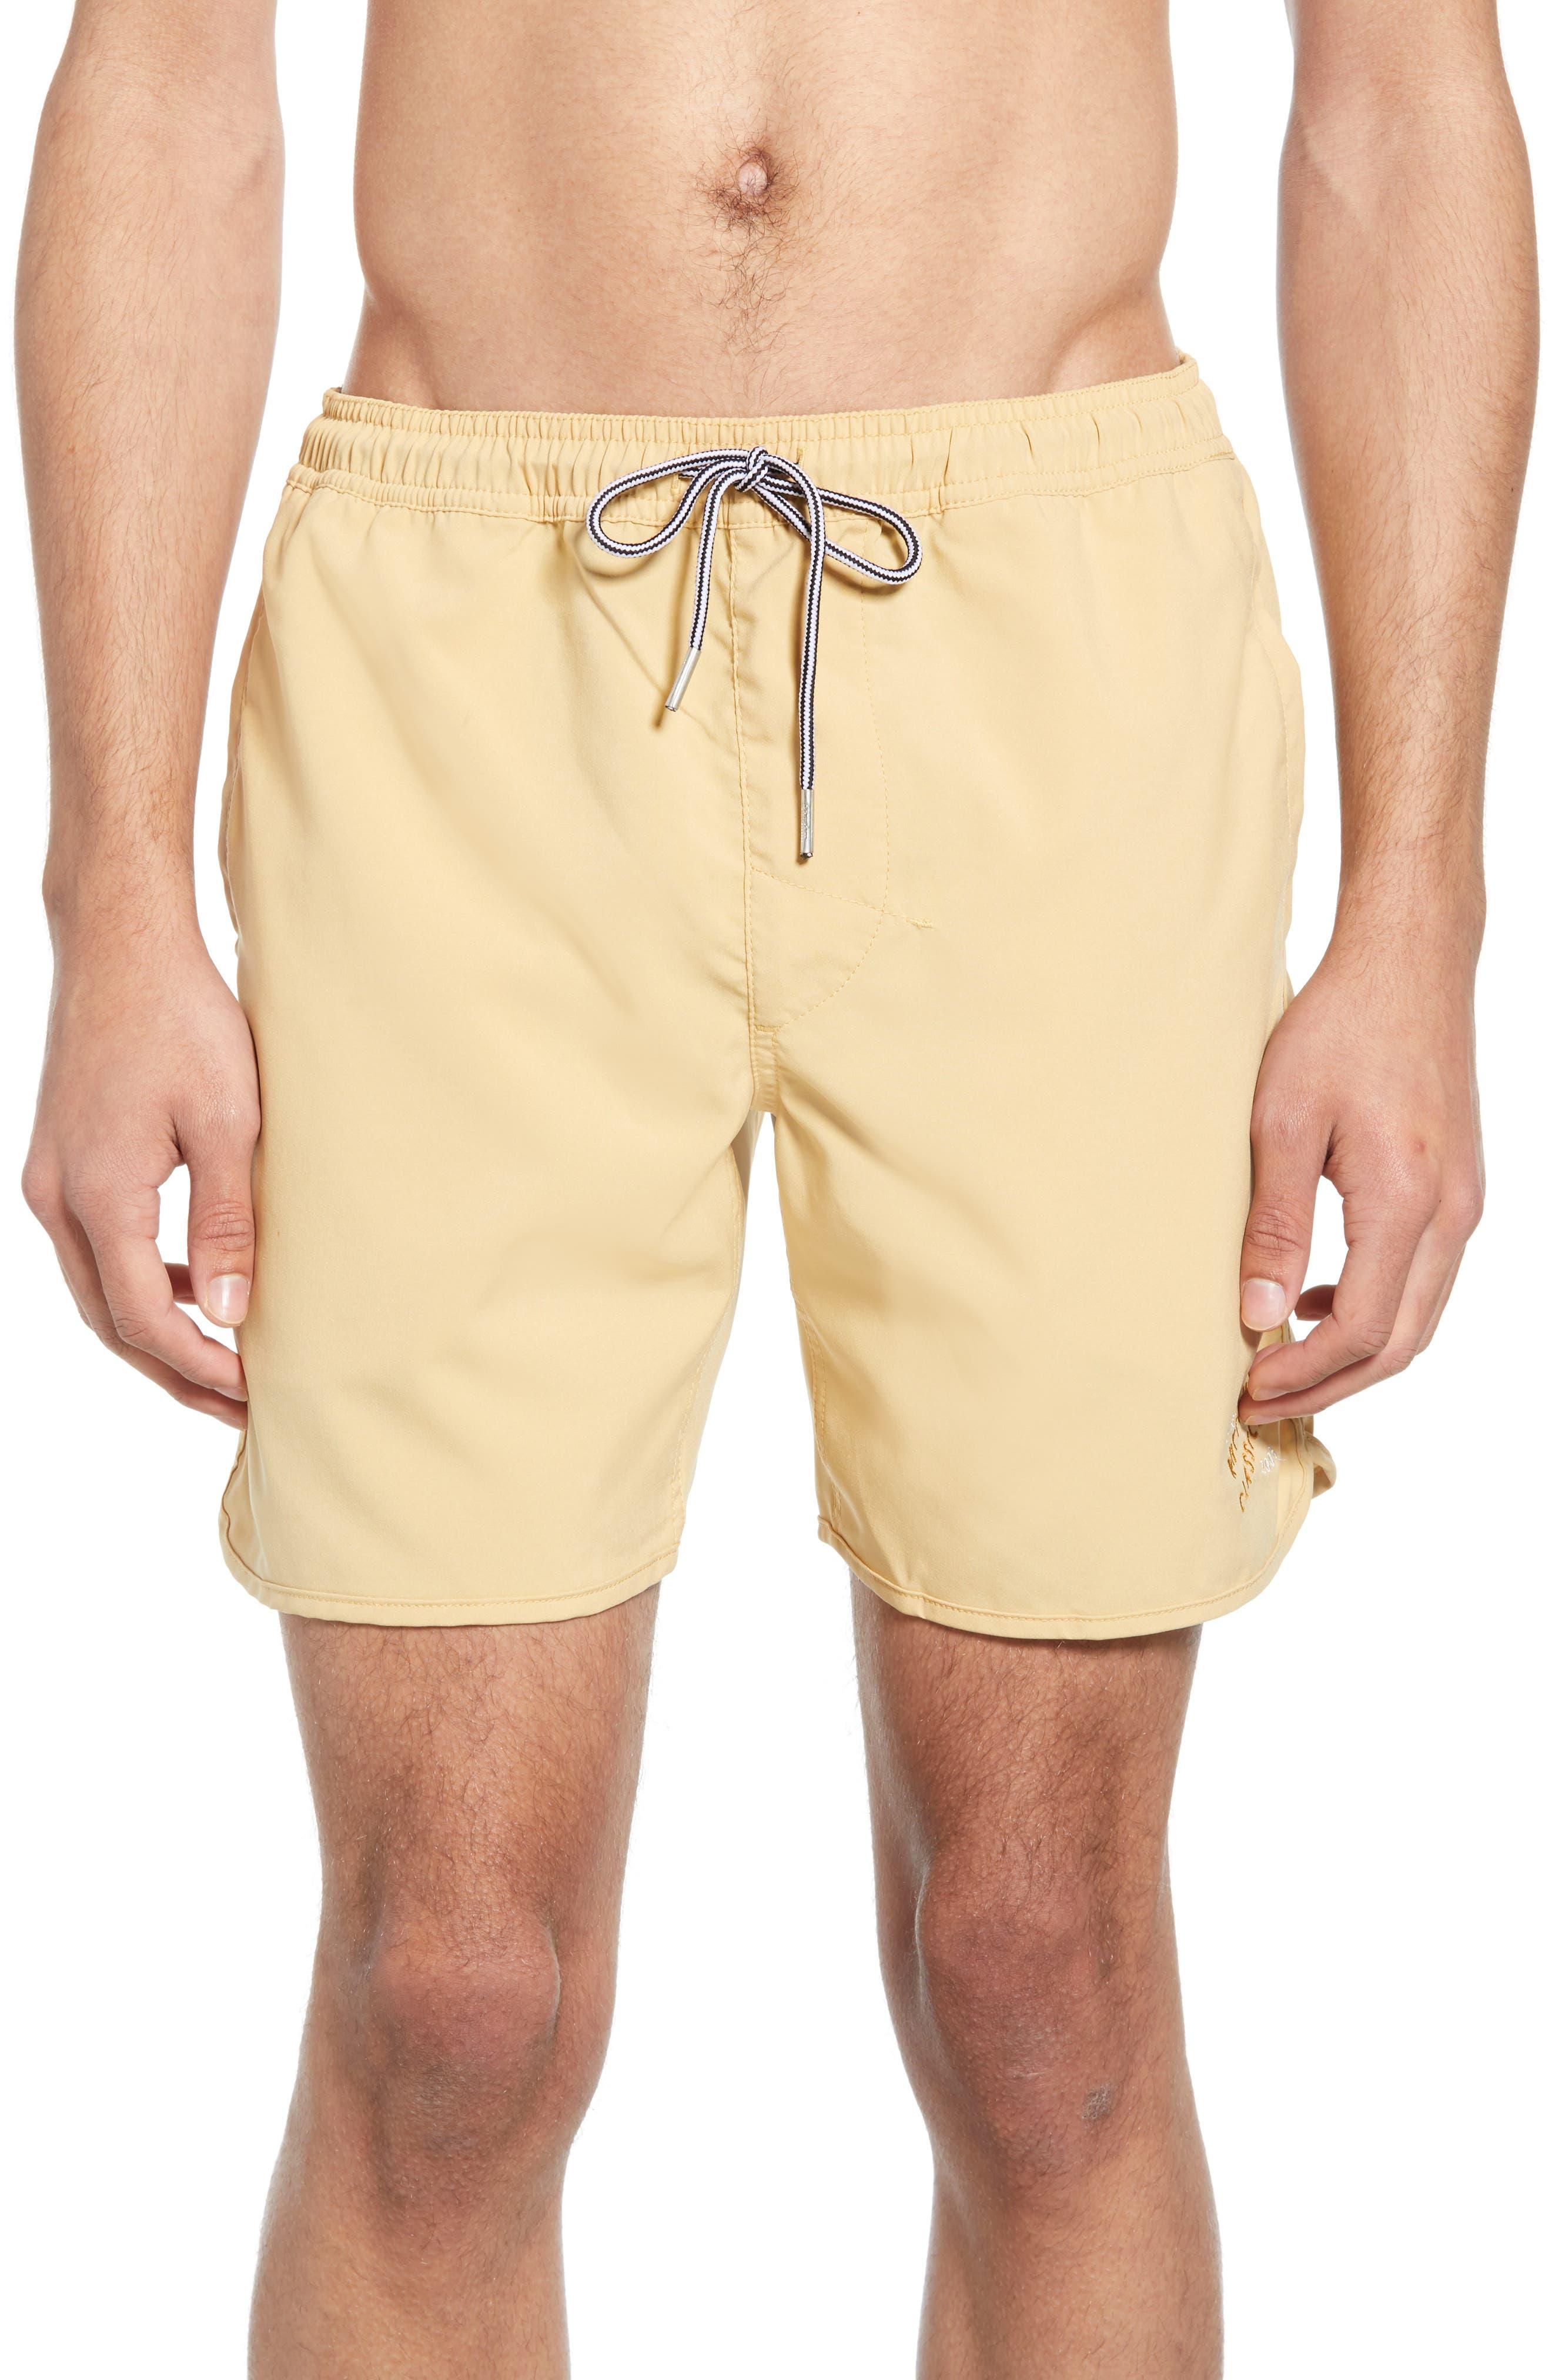 Rhythm Black Label Board Shorts, Yellow